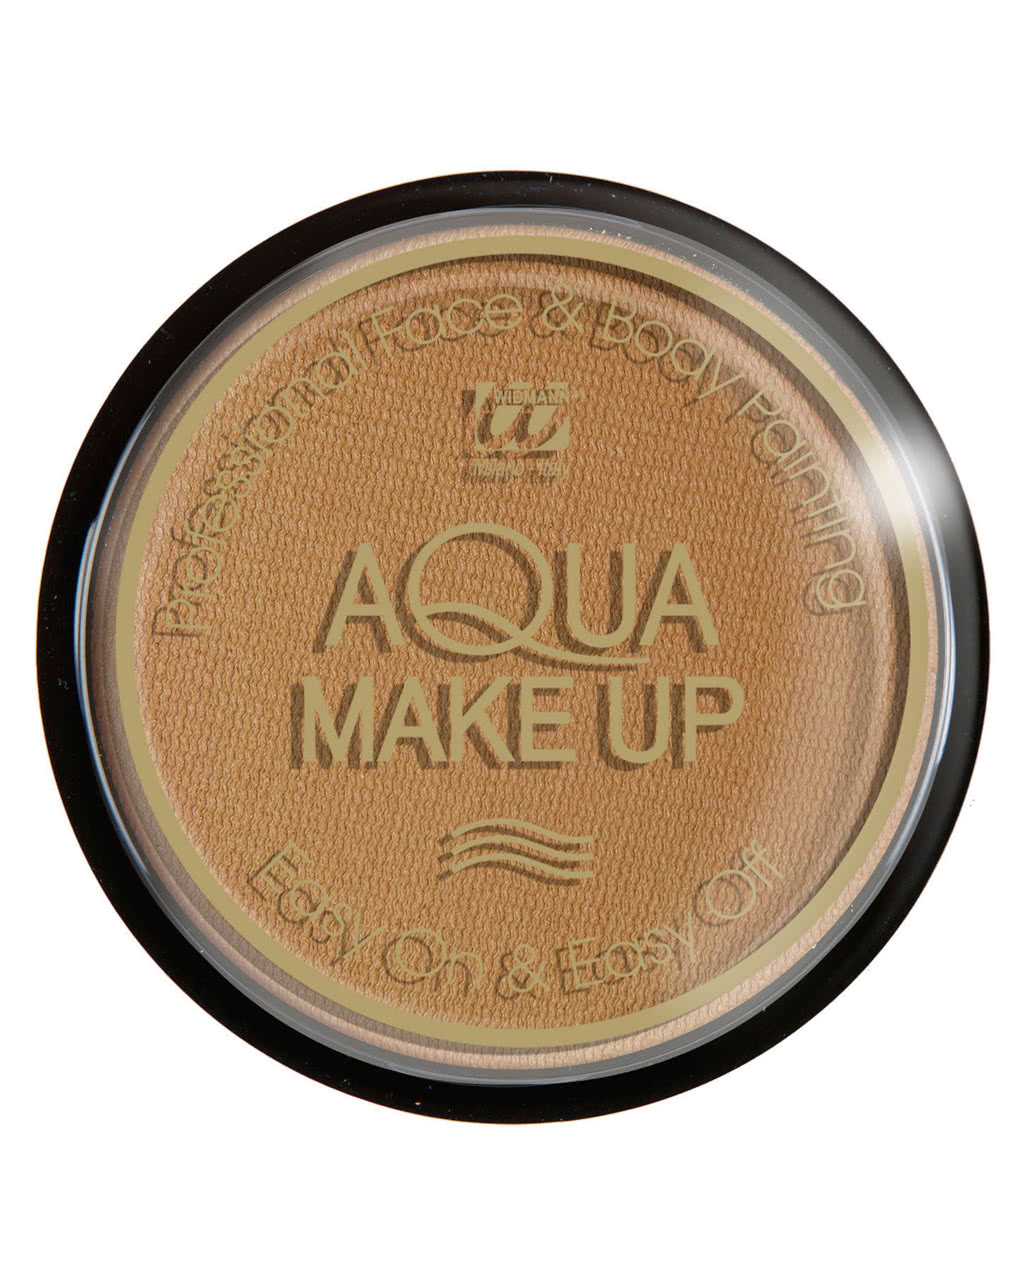 aqua make up light brown buy water soluble makeup horror. Black Bedroom Furniture Sets. Home Design Ideas